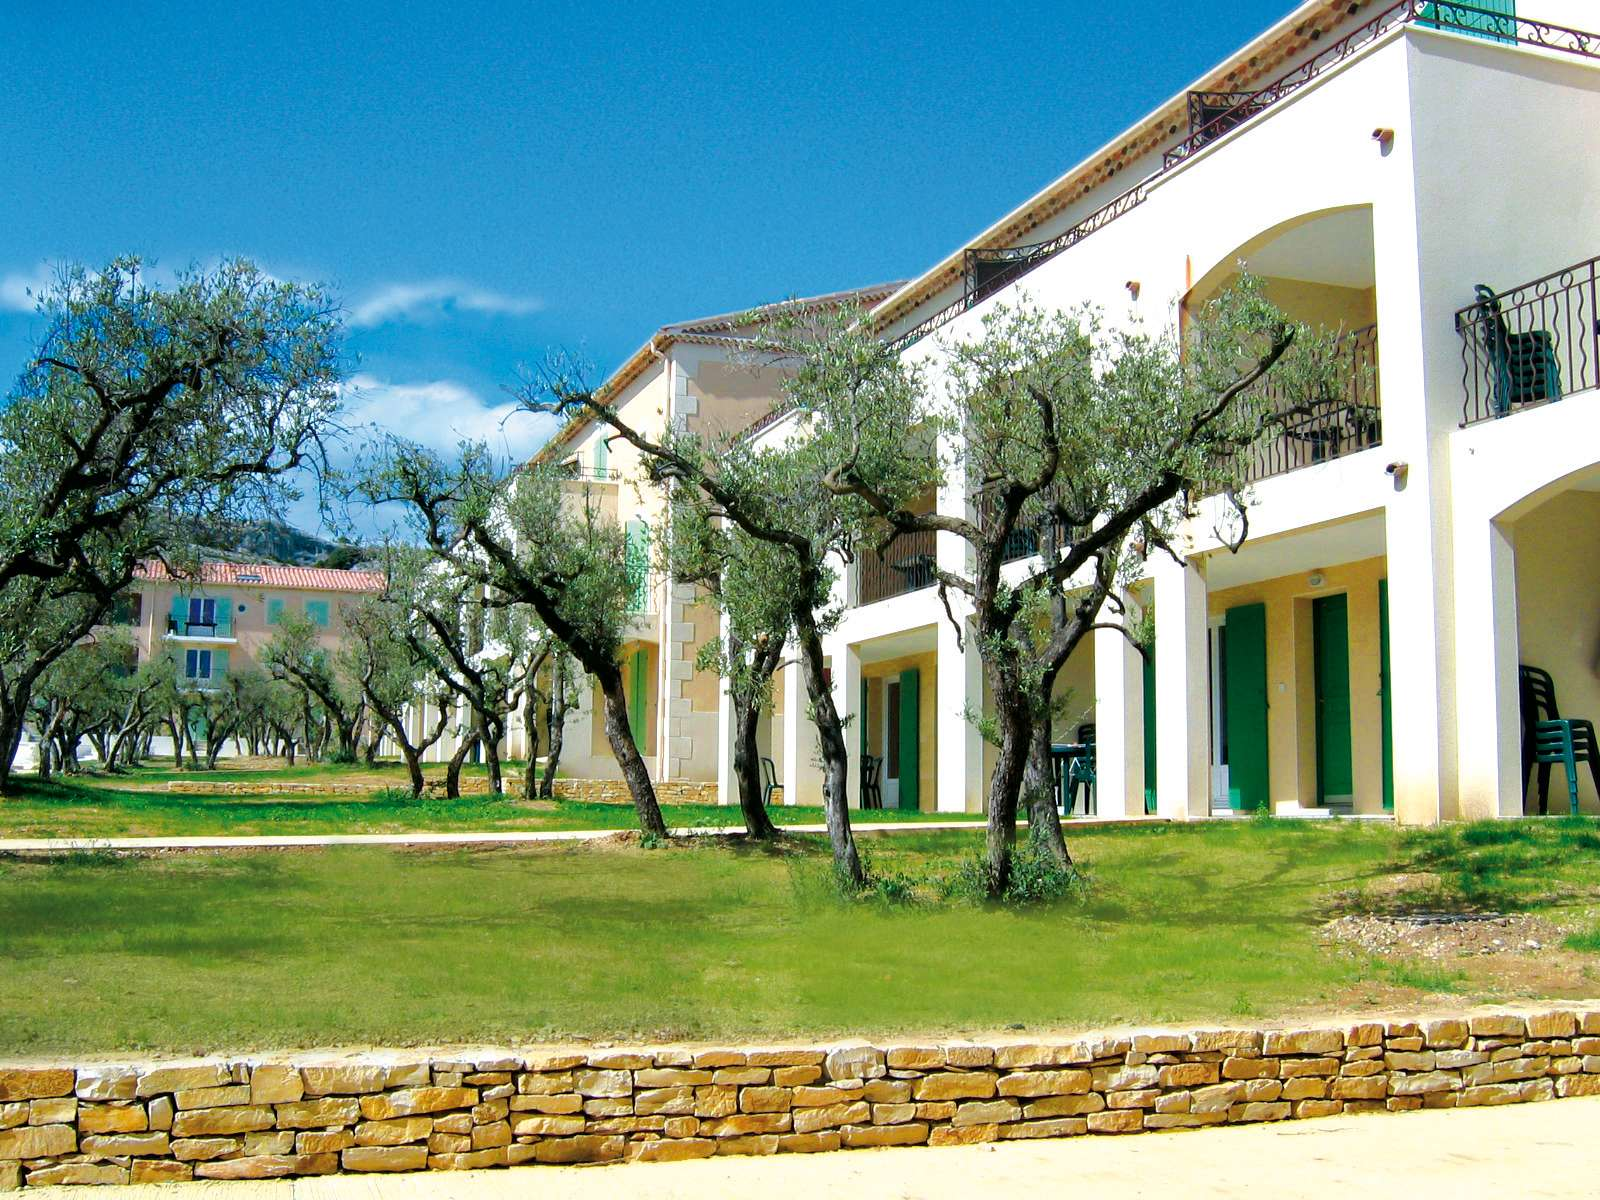 France - Sud Est et Provence - Paradou - Les Baux de Provence - Saint Rémy de Provence - Résidence Lagrange Vacances Le Domaine de Bourgeac